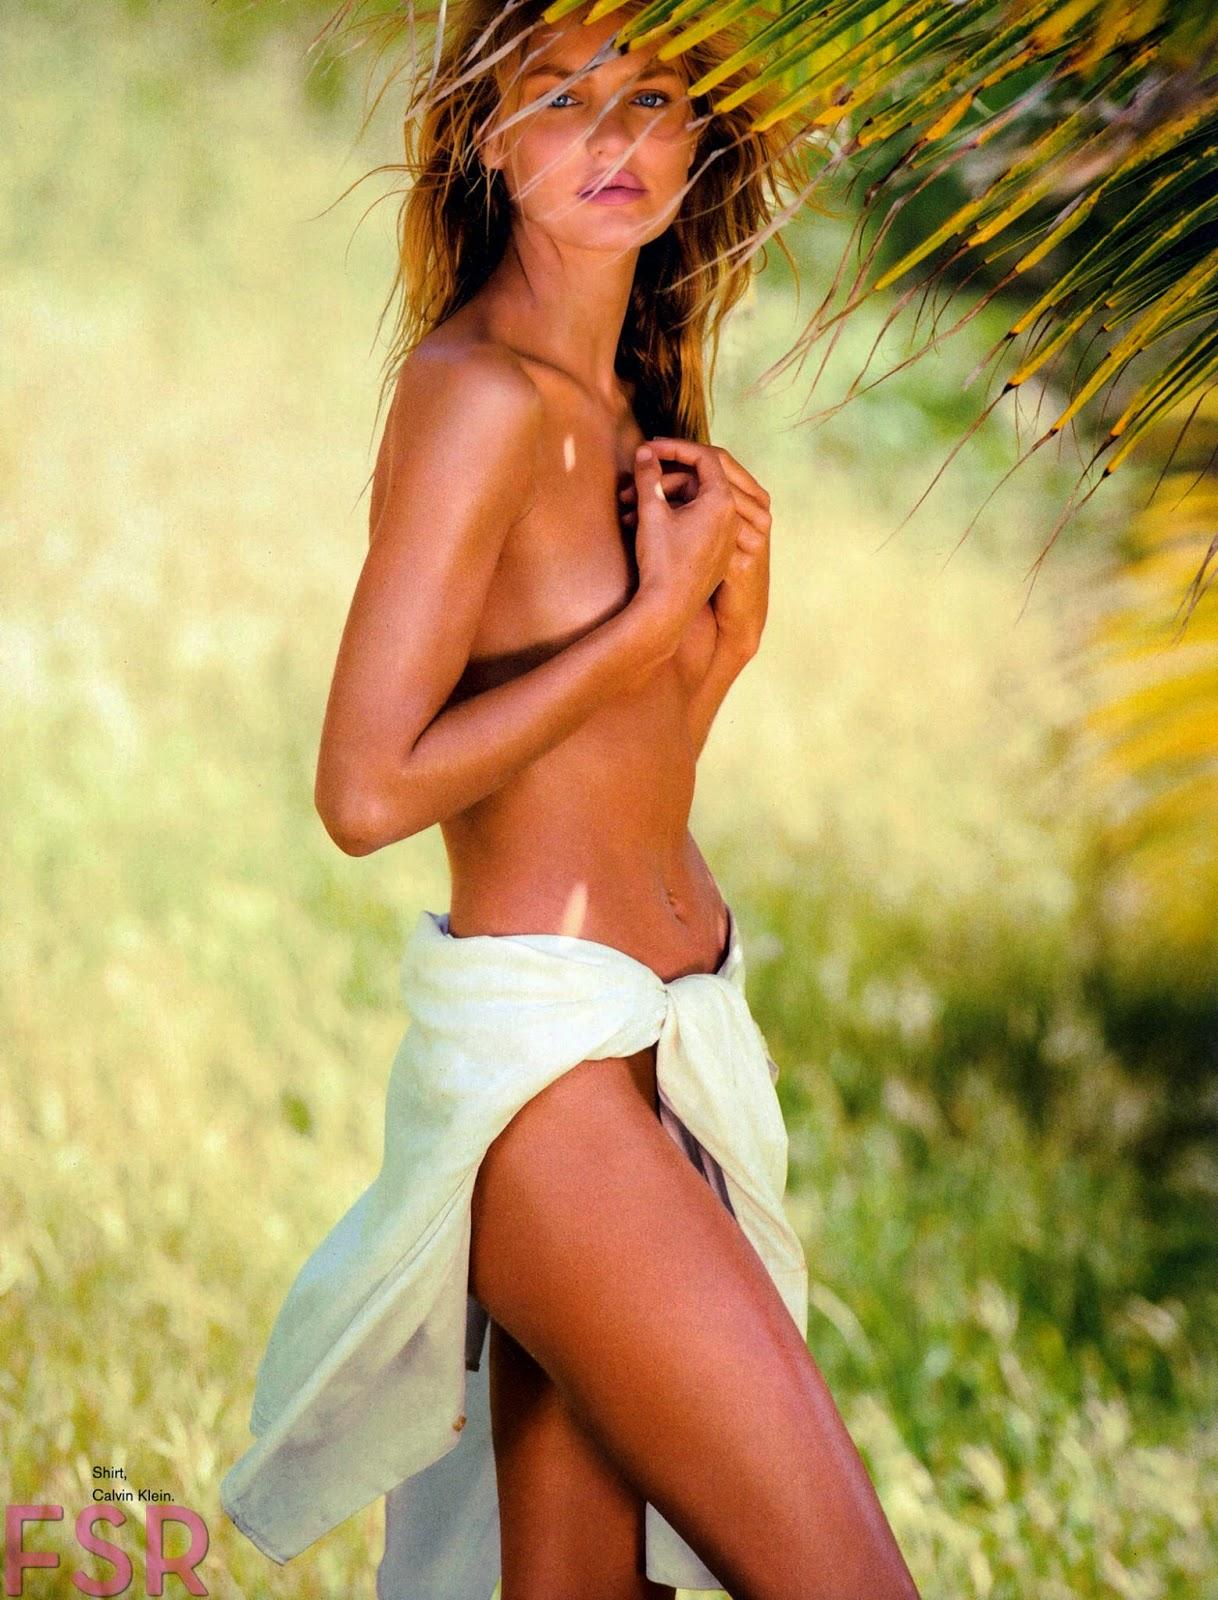 صور الجميلة كانديس سوانبويل في مجلة مكسيم - مارس